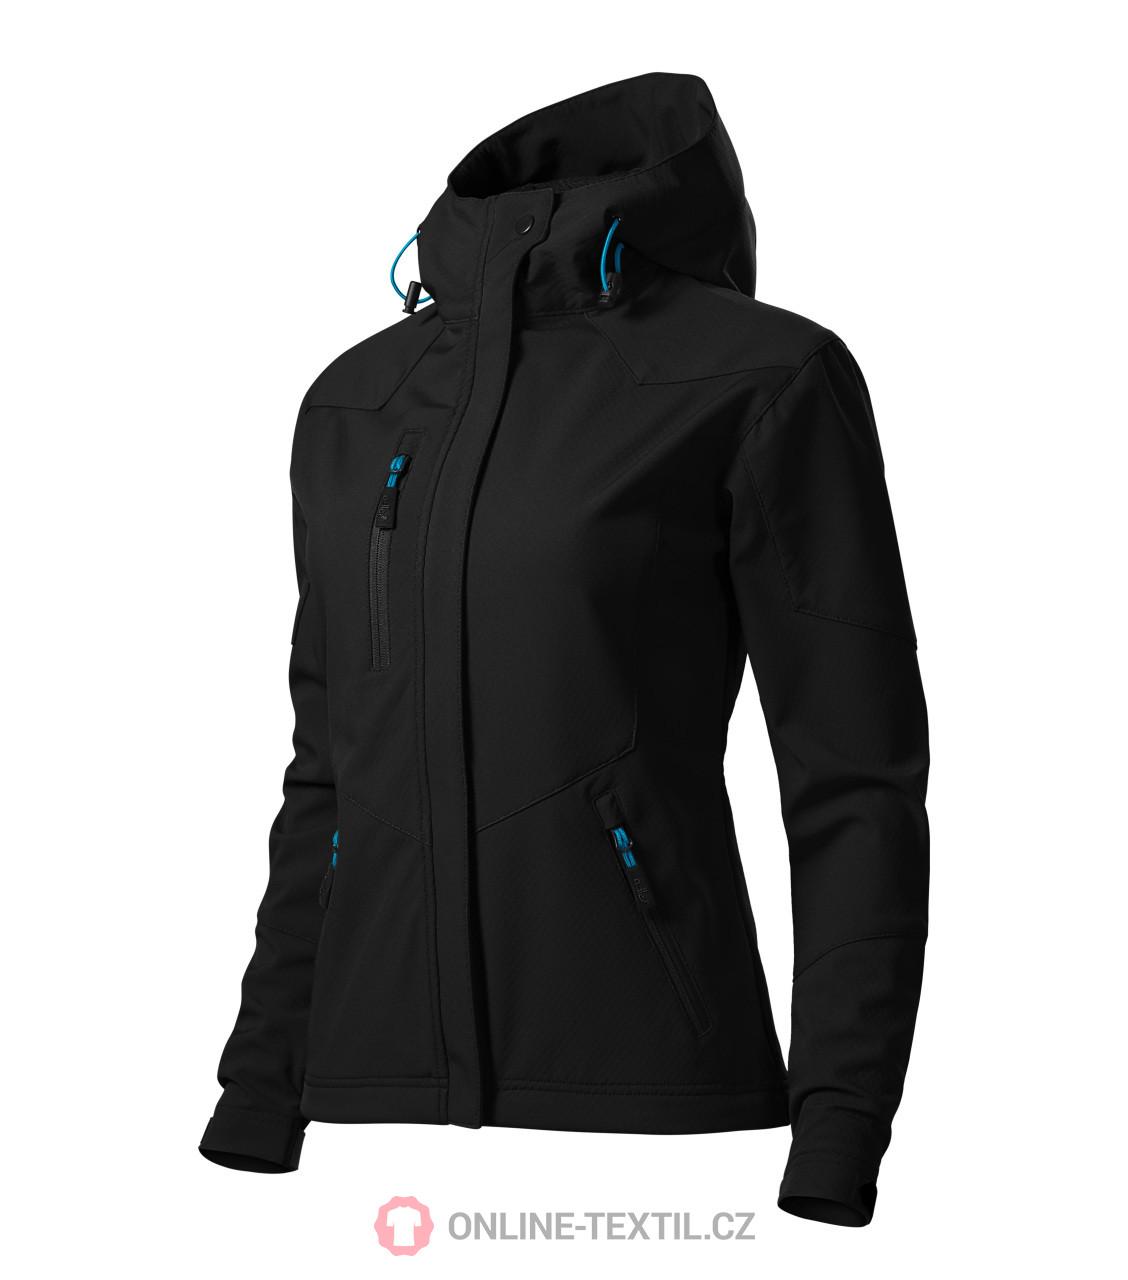 eac2c4a6a Ľahká dámska softshellová bunda Nano s kapucňou a úpravou NANOtex® ...